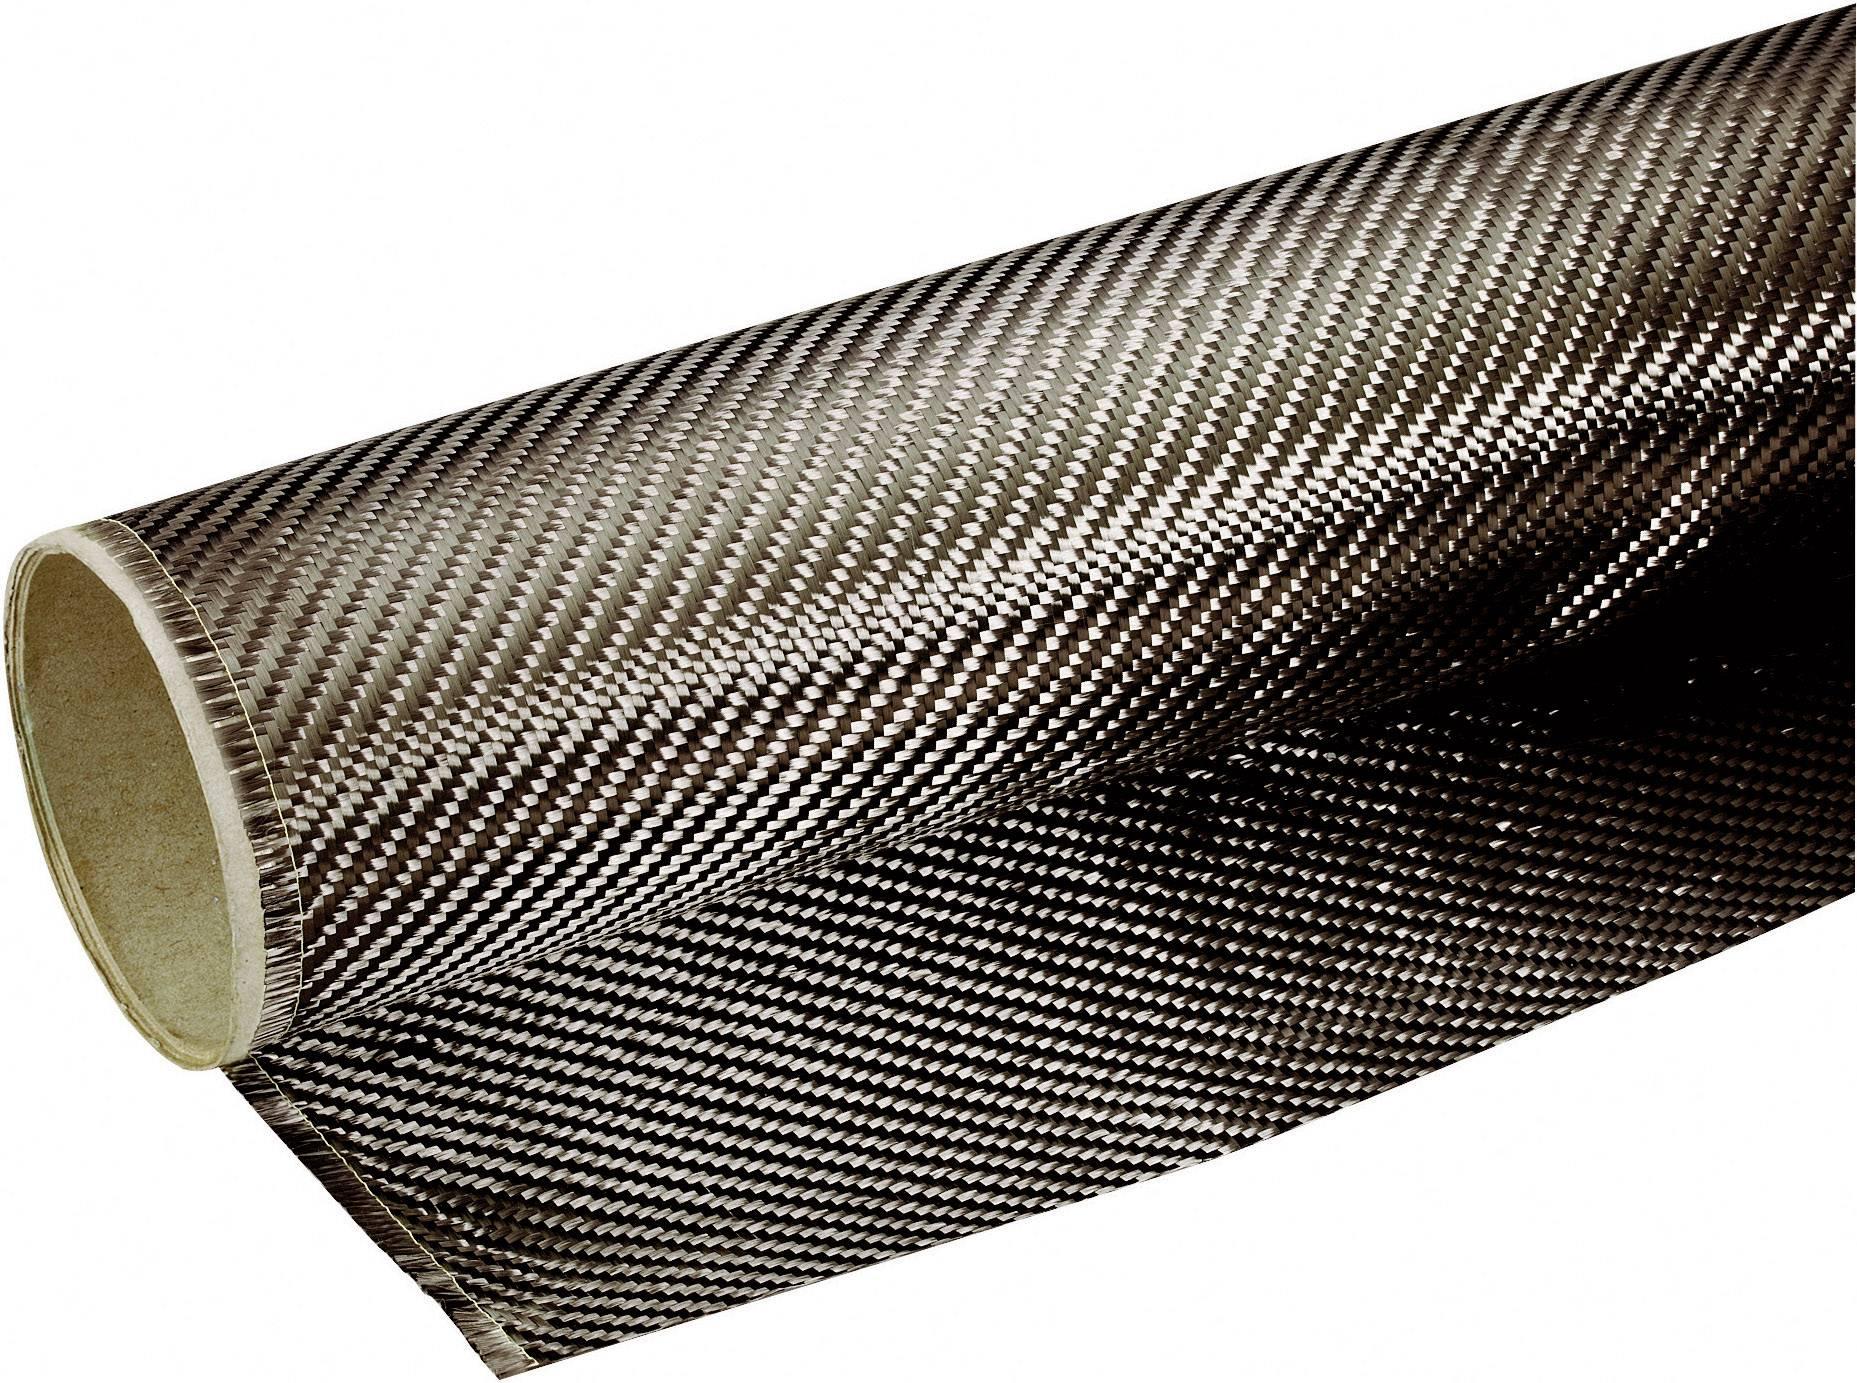 Tkanina z uhlíkových vláken Toolcraft 190, 204 g/m2, 0,5 m2, kepr